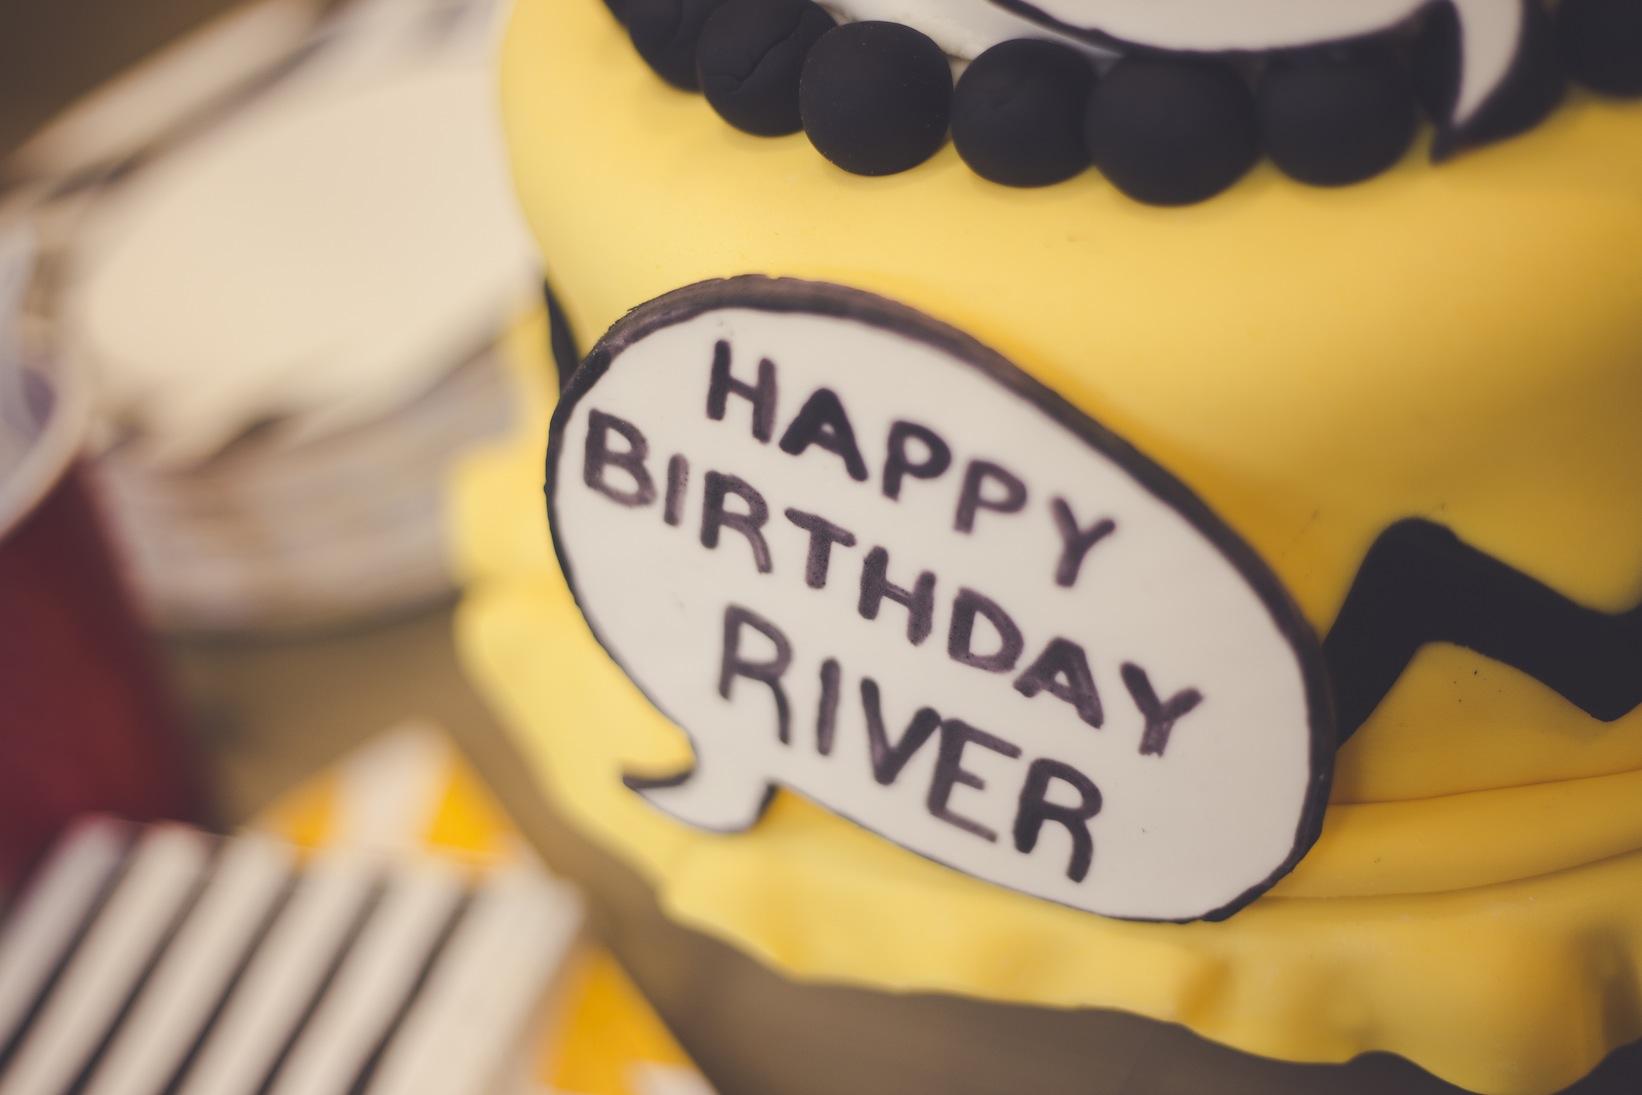 River'sBirthday_012.jpg